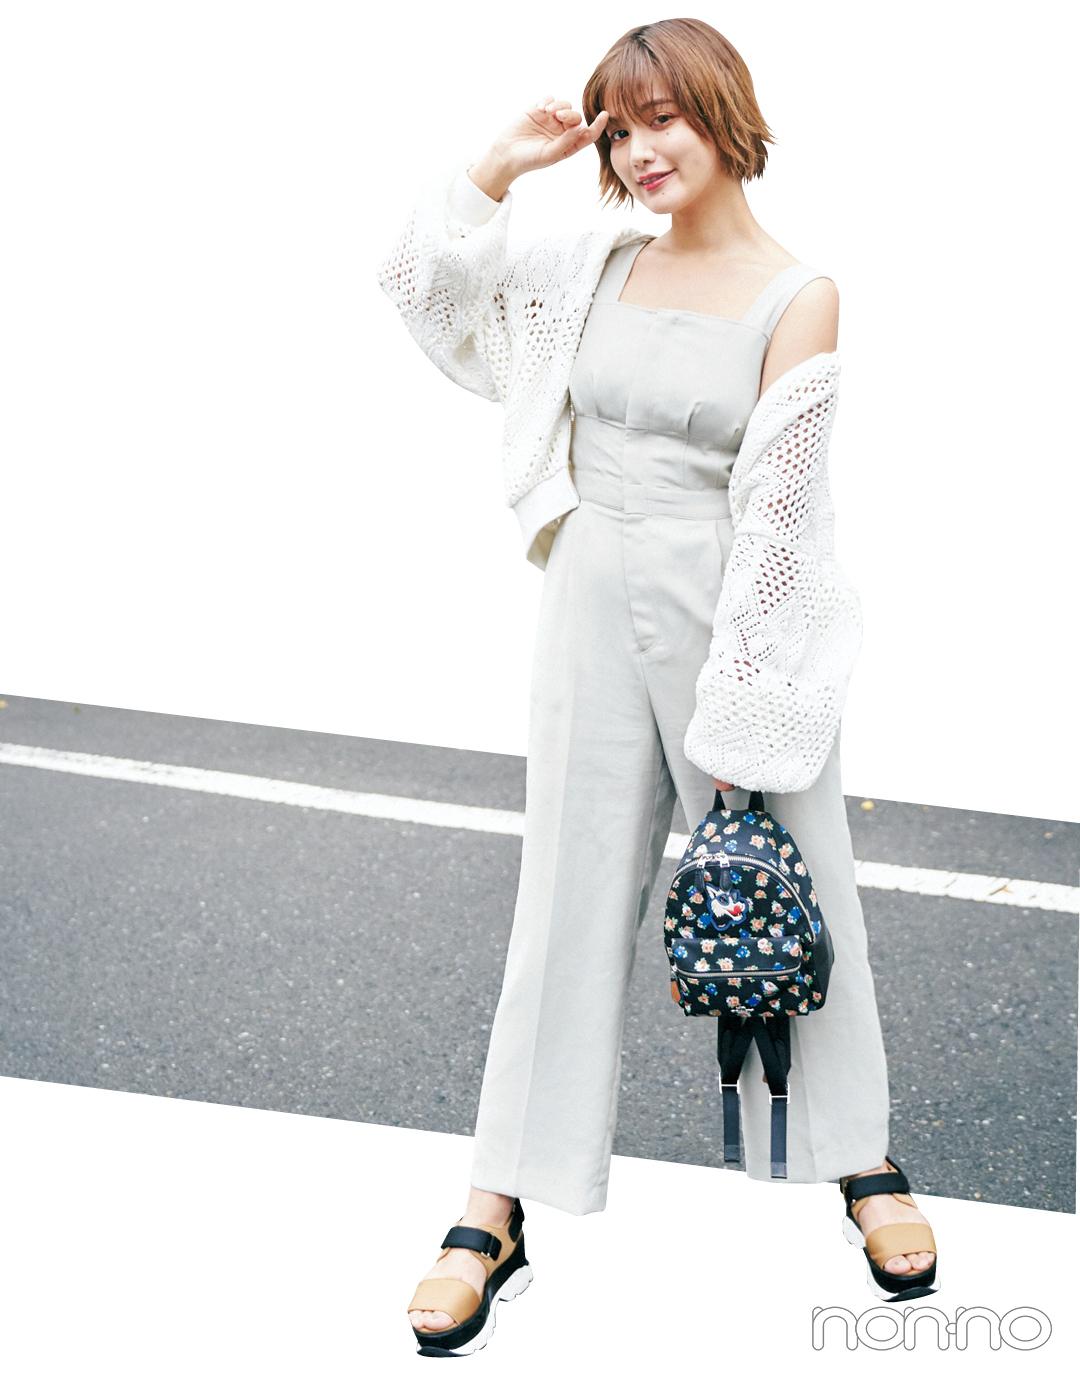 楽で可愛い旅服、きれい色ワンピの選び方etc.…ノンノモデルが夏コーデの悩みにお答え!_1_2-5